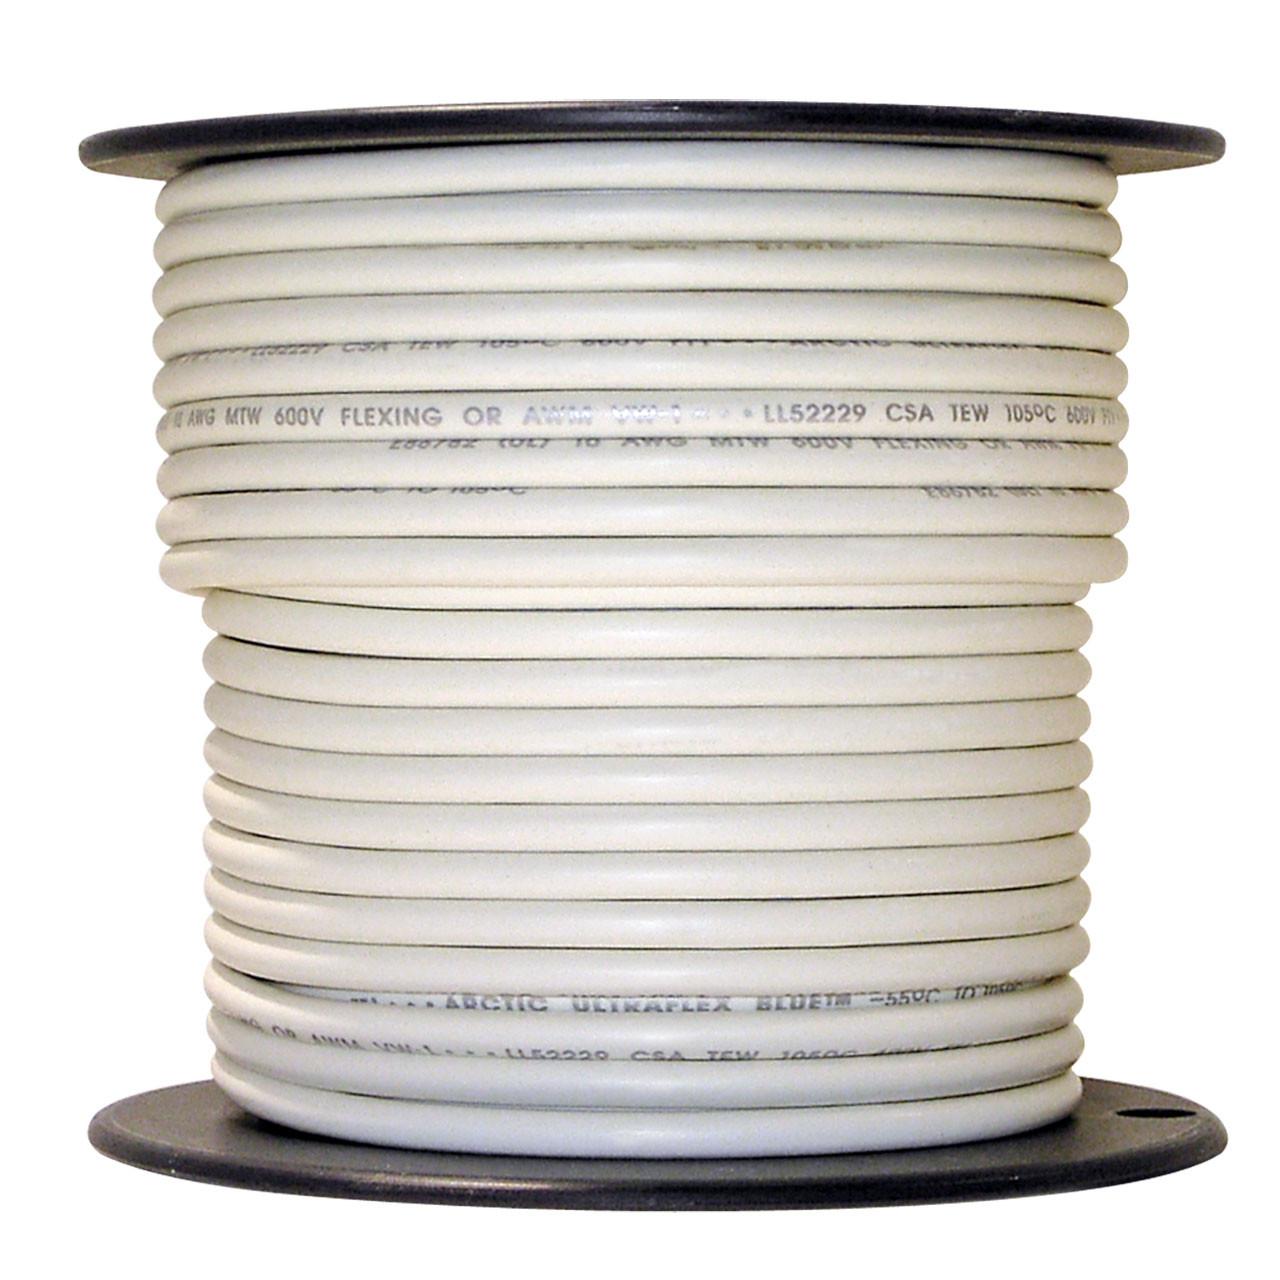 ARCTIC ULTRAFLEX 10GA WHT 100 FOOT ROLL - Polar Wire Products